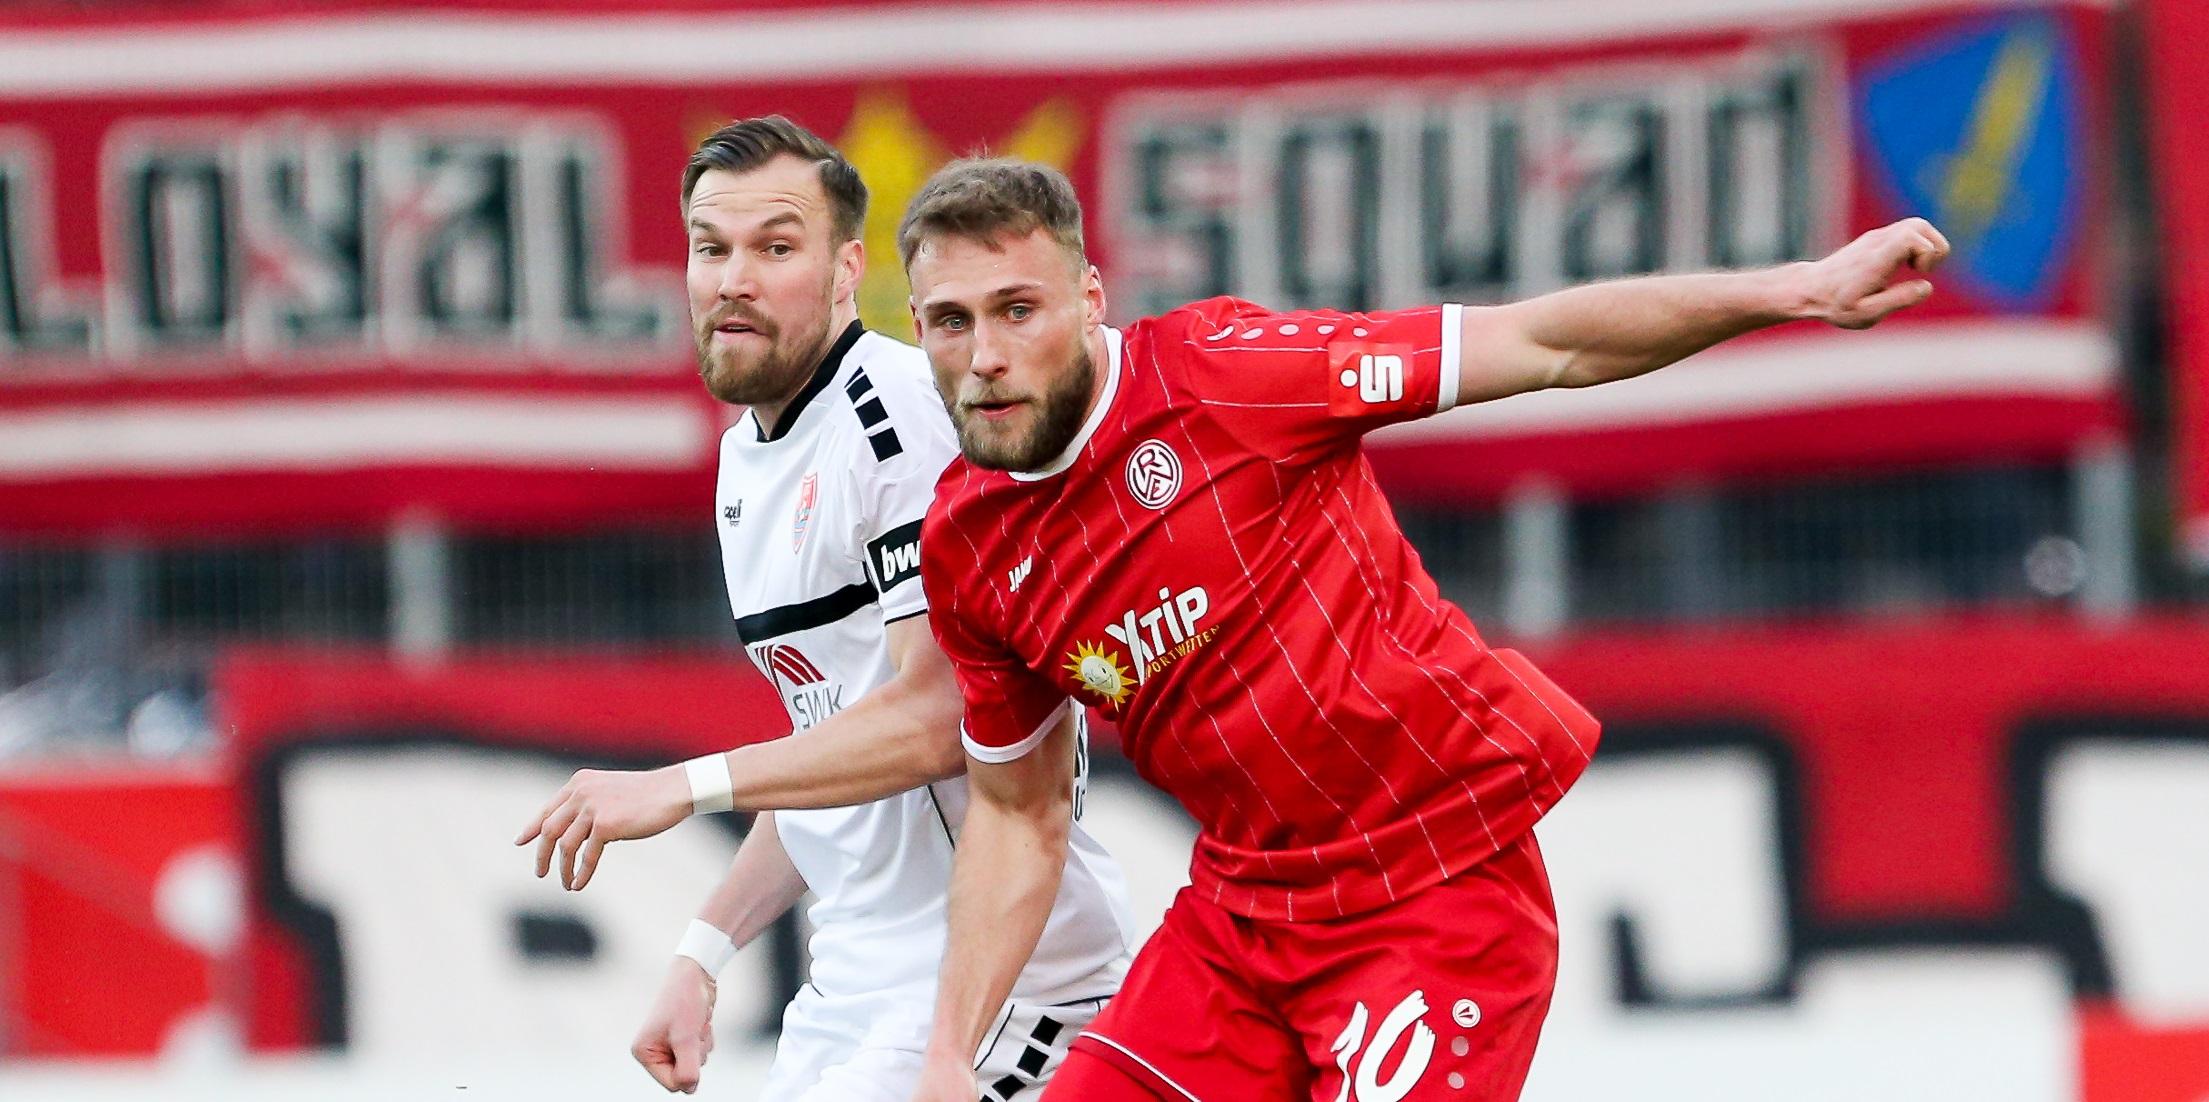 Max Wegner und Lukas Scepanik werden im Auswärtsspiel bei Alemannia Aachen fehlen. (Foto: Endberg)